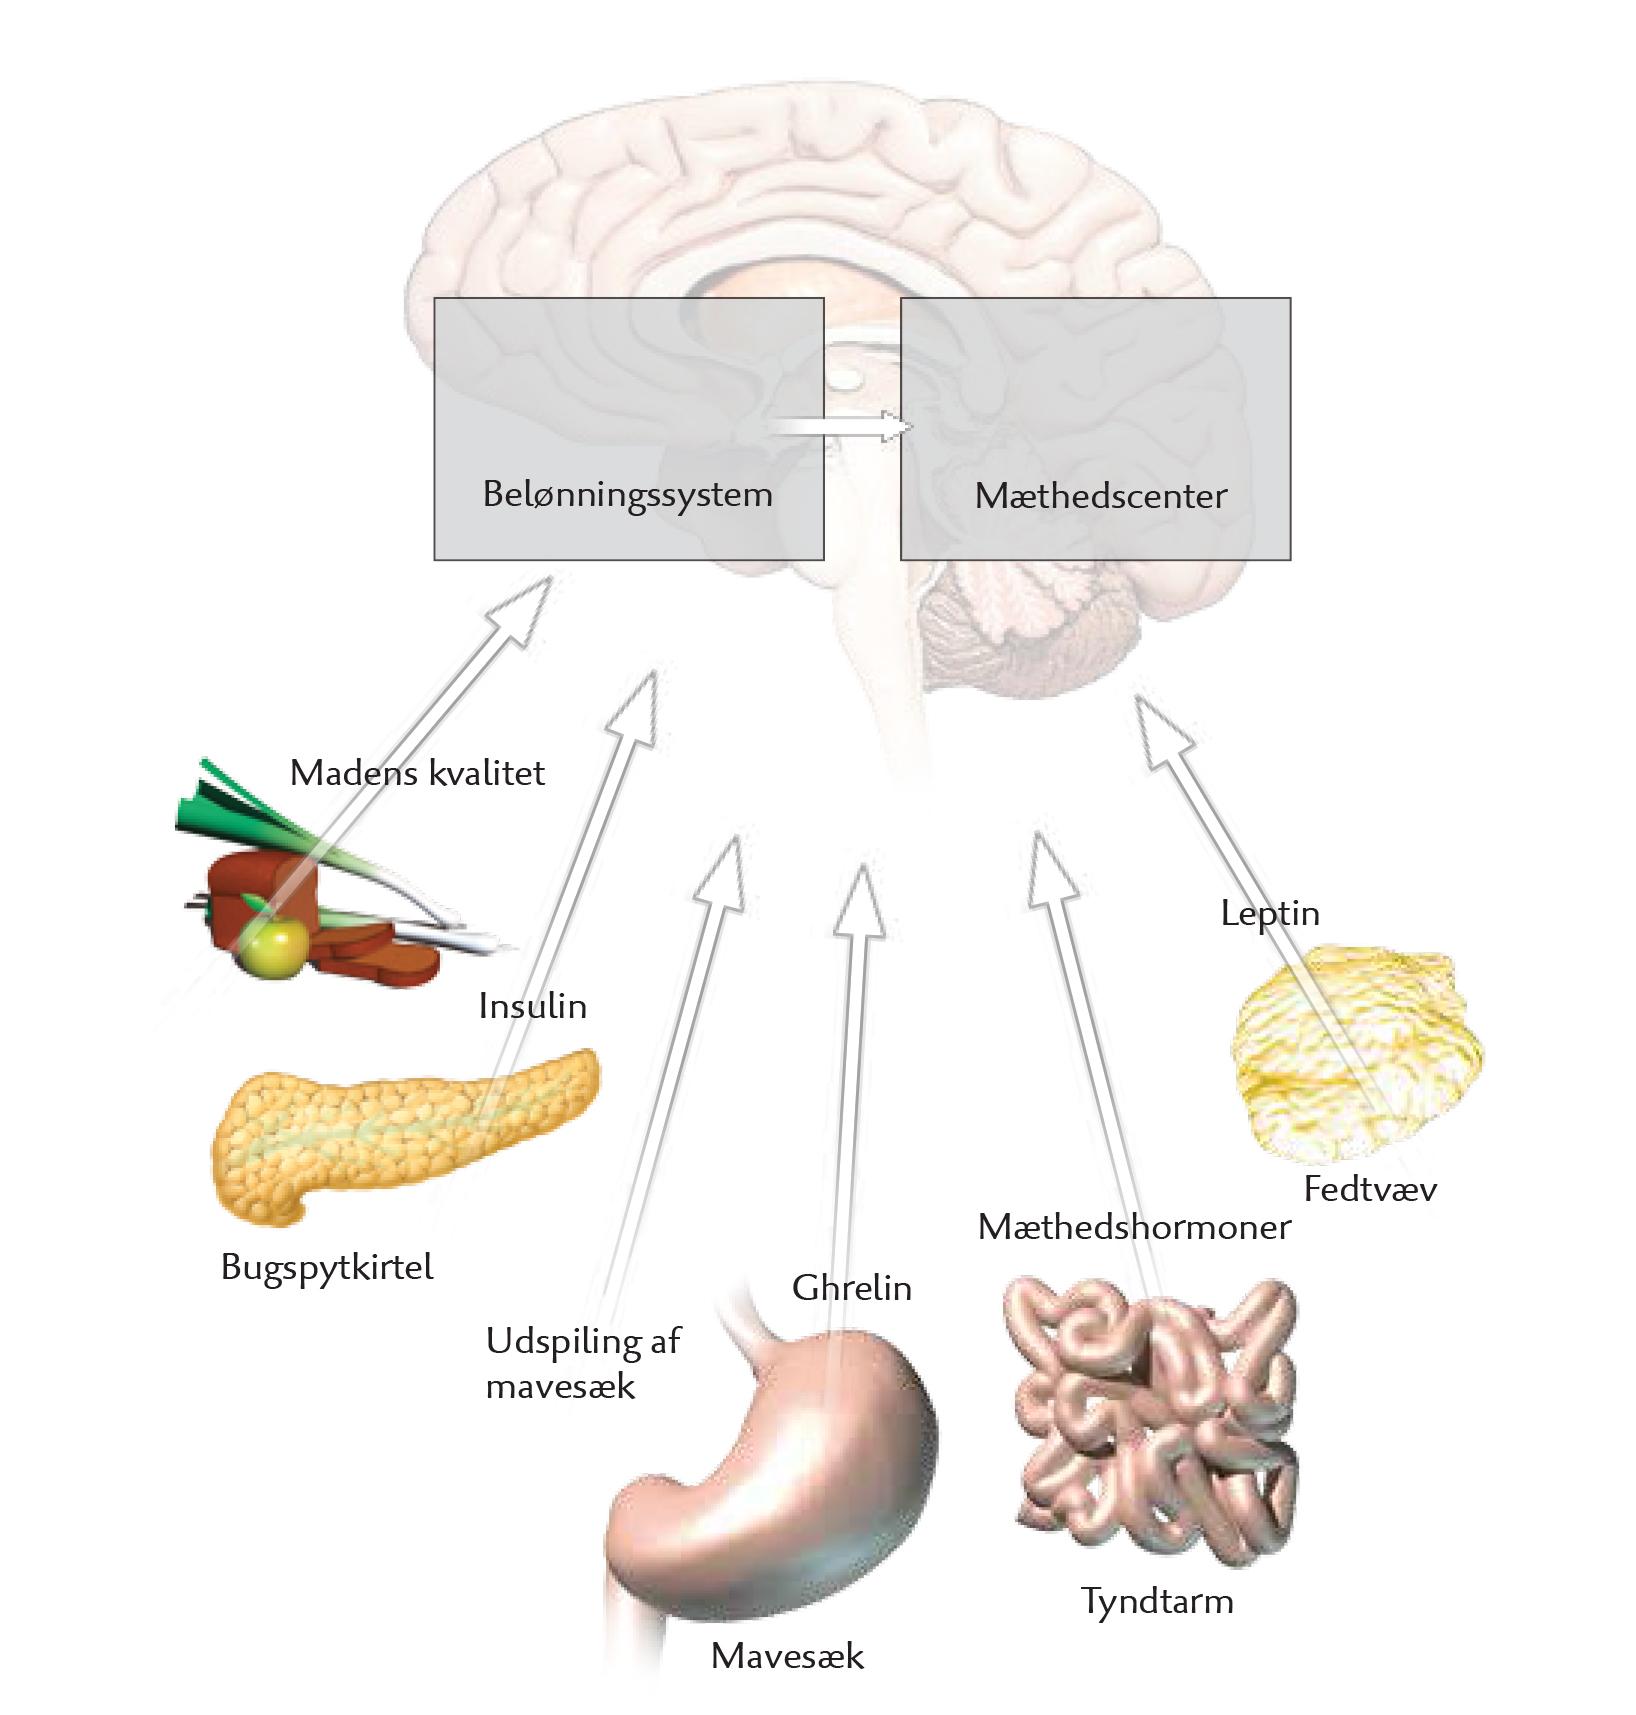 kost og sundhed biologi